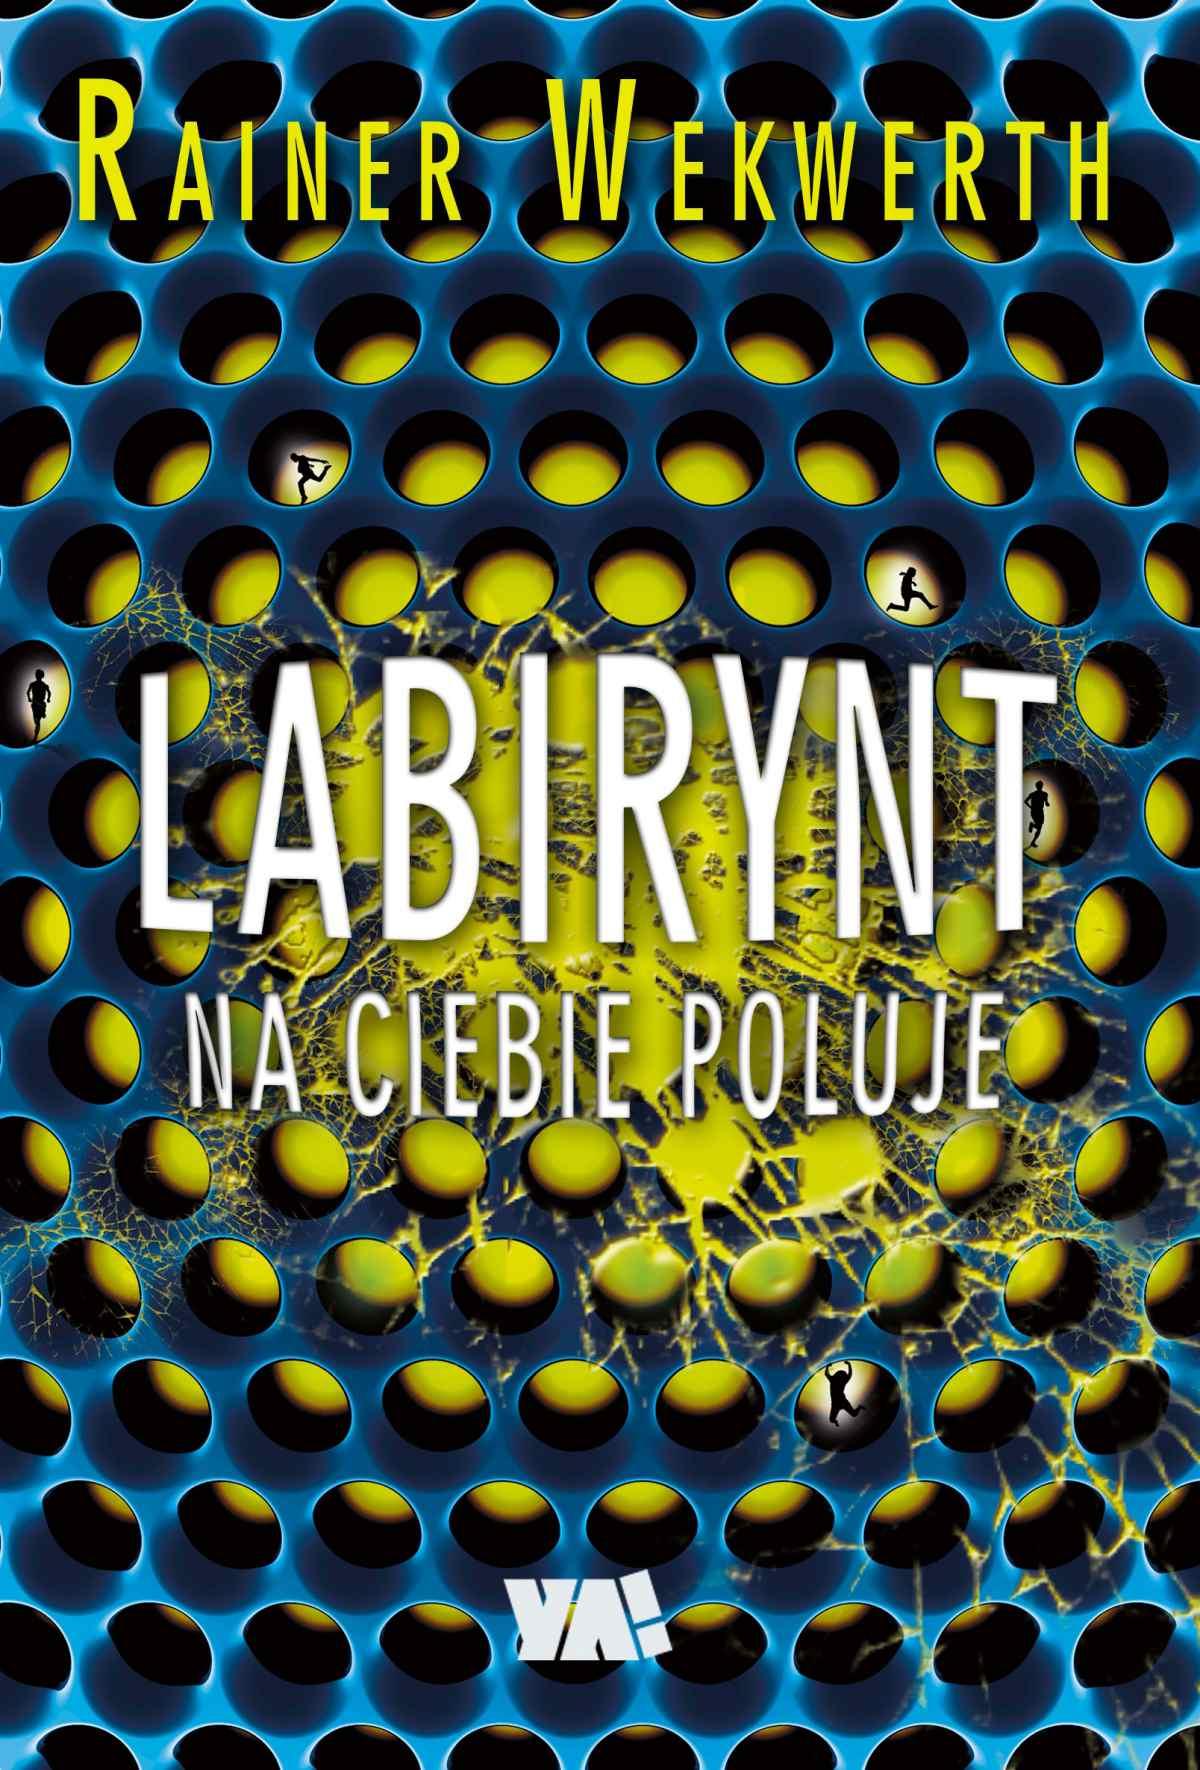 Labirynt na ciebie poluje - Ebook (Książka EPUB) do pobrania w formacie EPUB